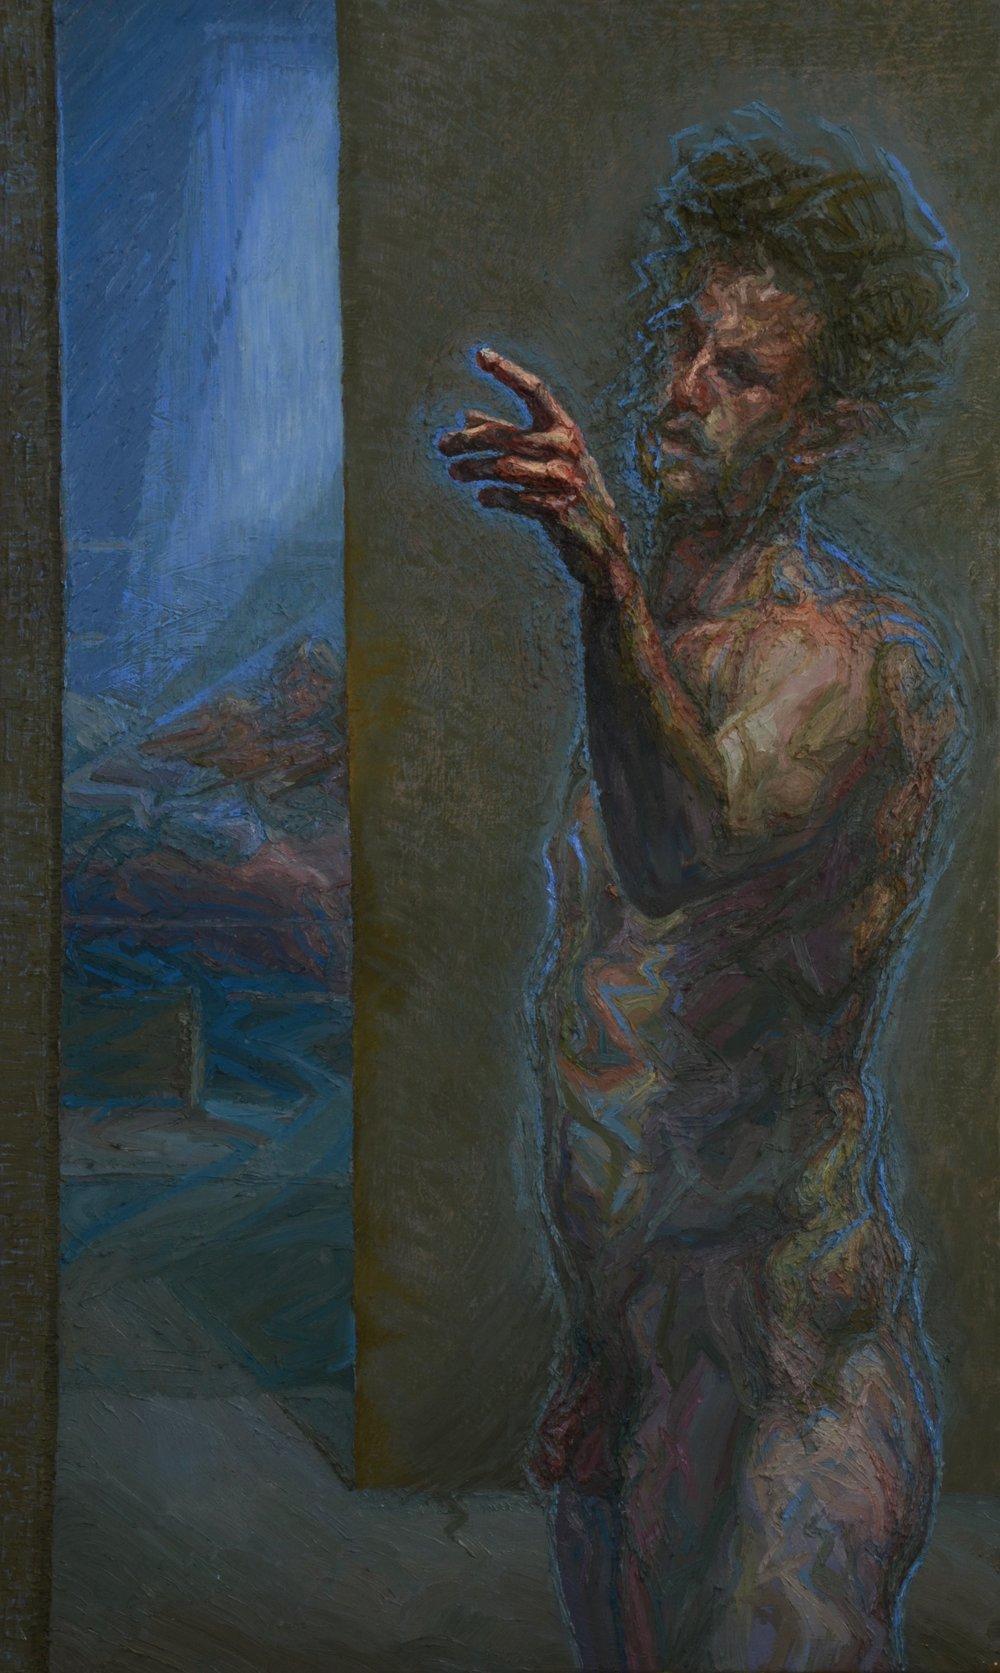 Charlie Schaffer, Self-Portrait in Margate, oi on canvas, 115 x 70 cm,  http://www.charlieschaffer.com